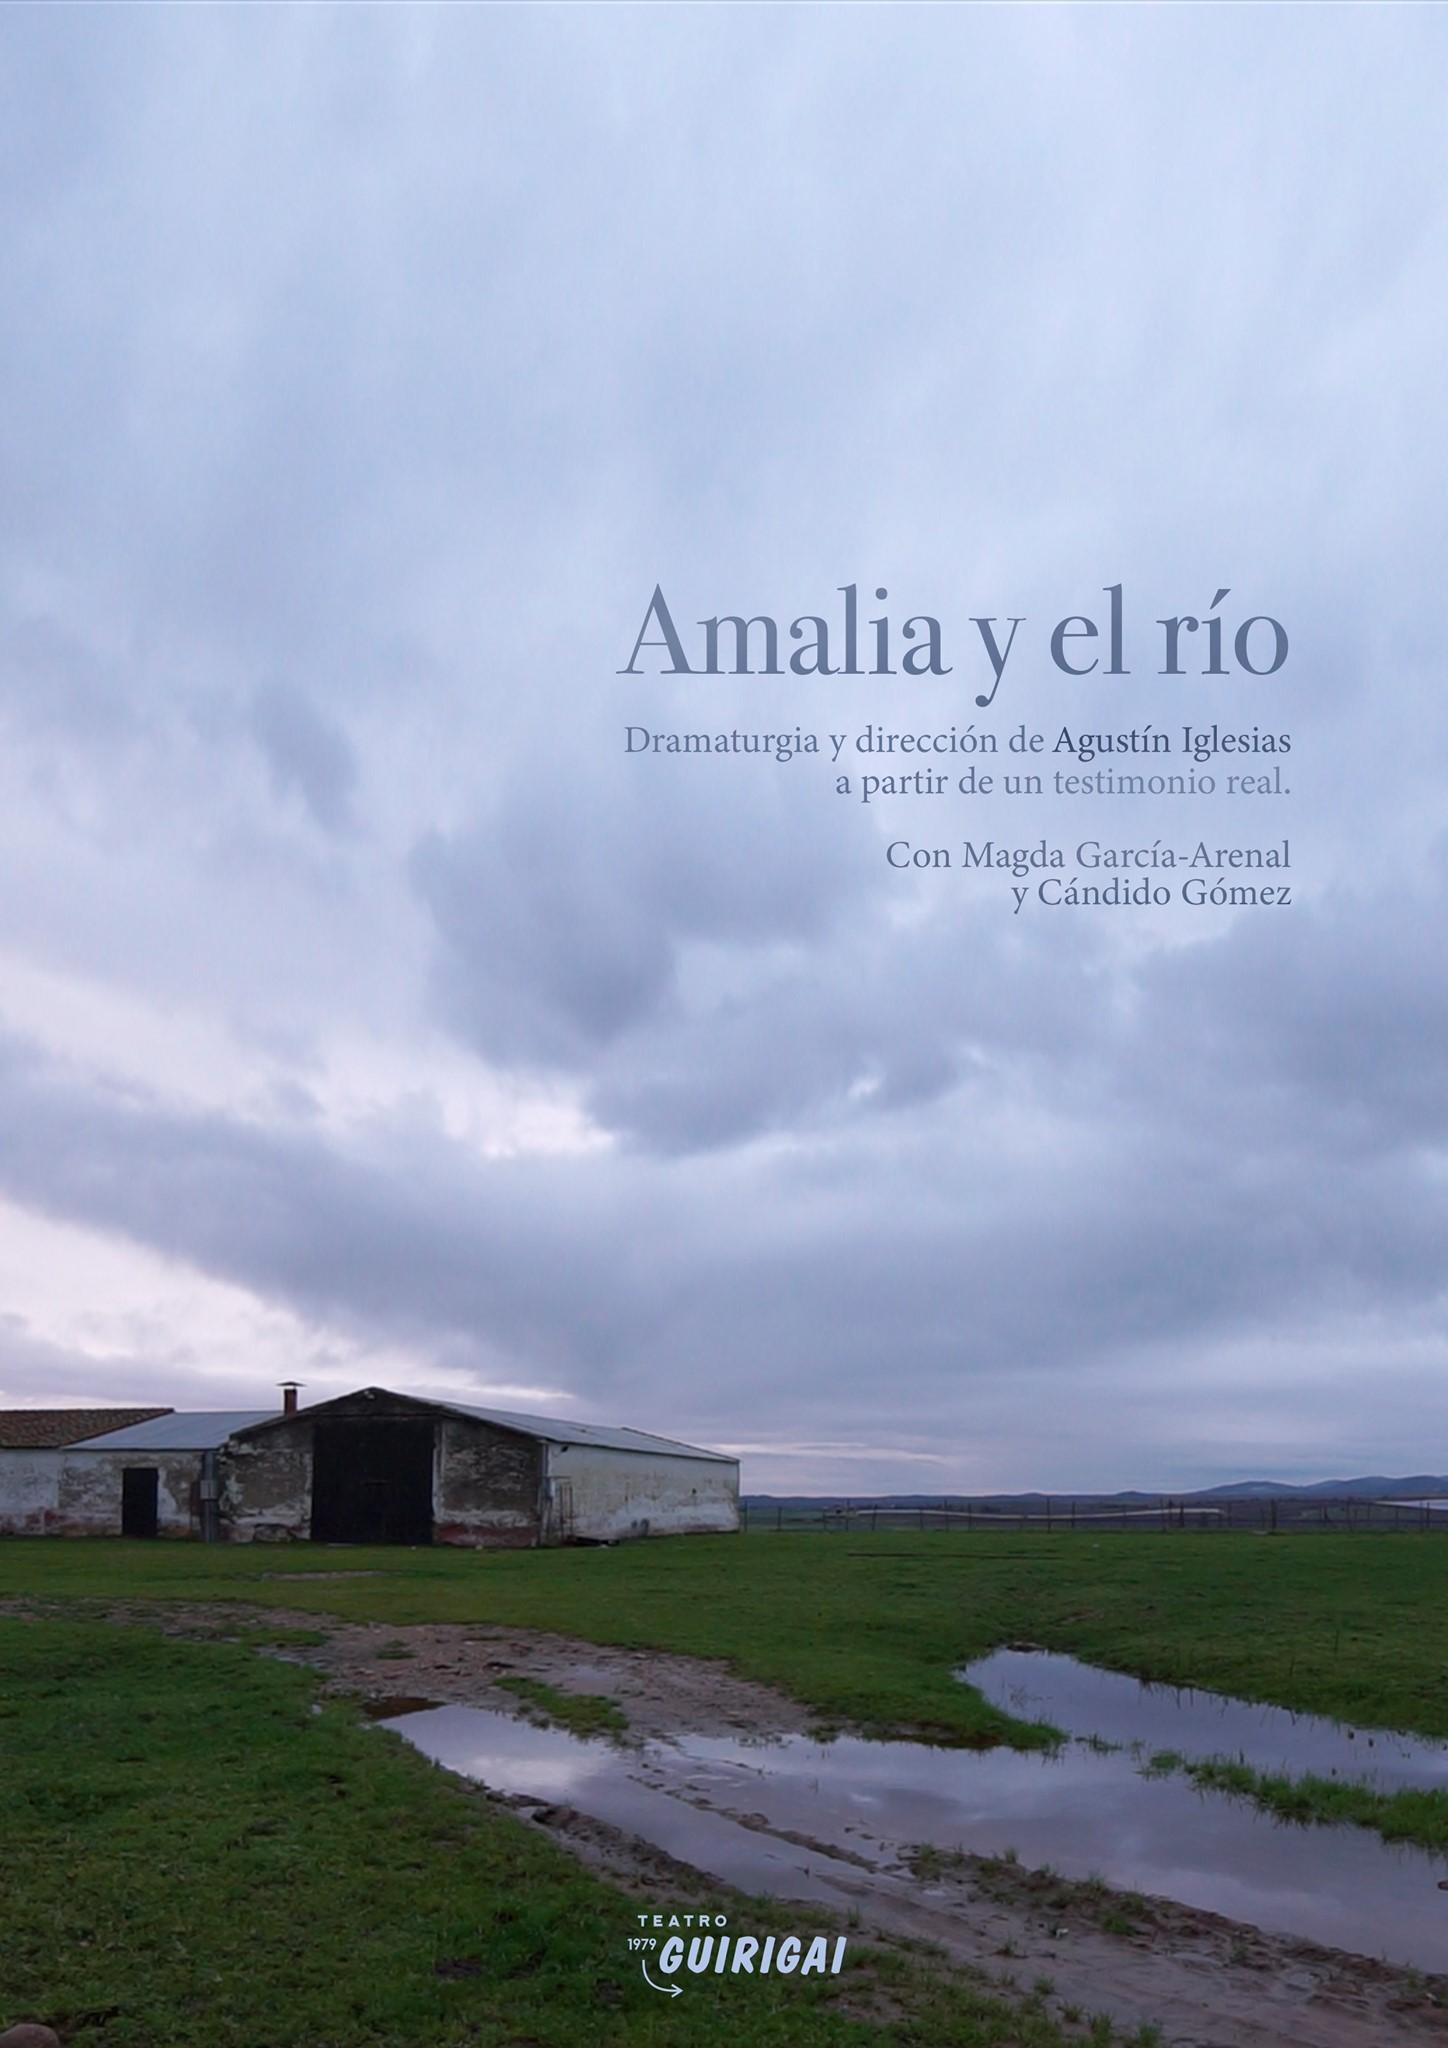 'Amalia y el Río' Teatro do Guirigai – Santos de Maimona/Espanha